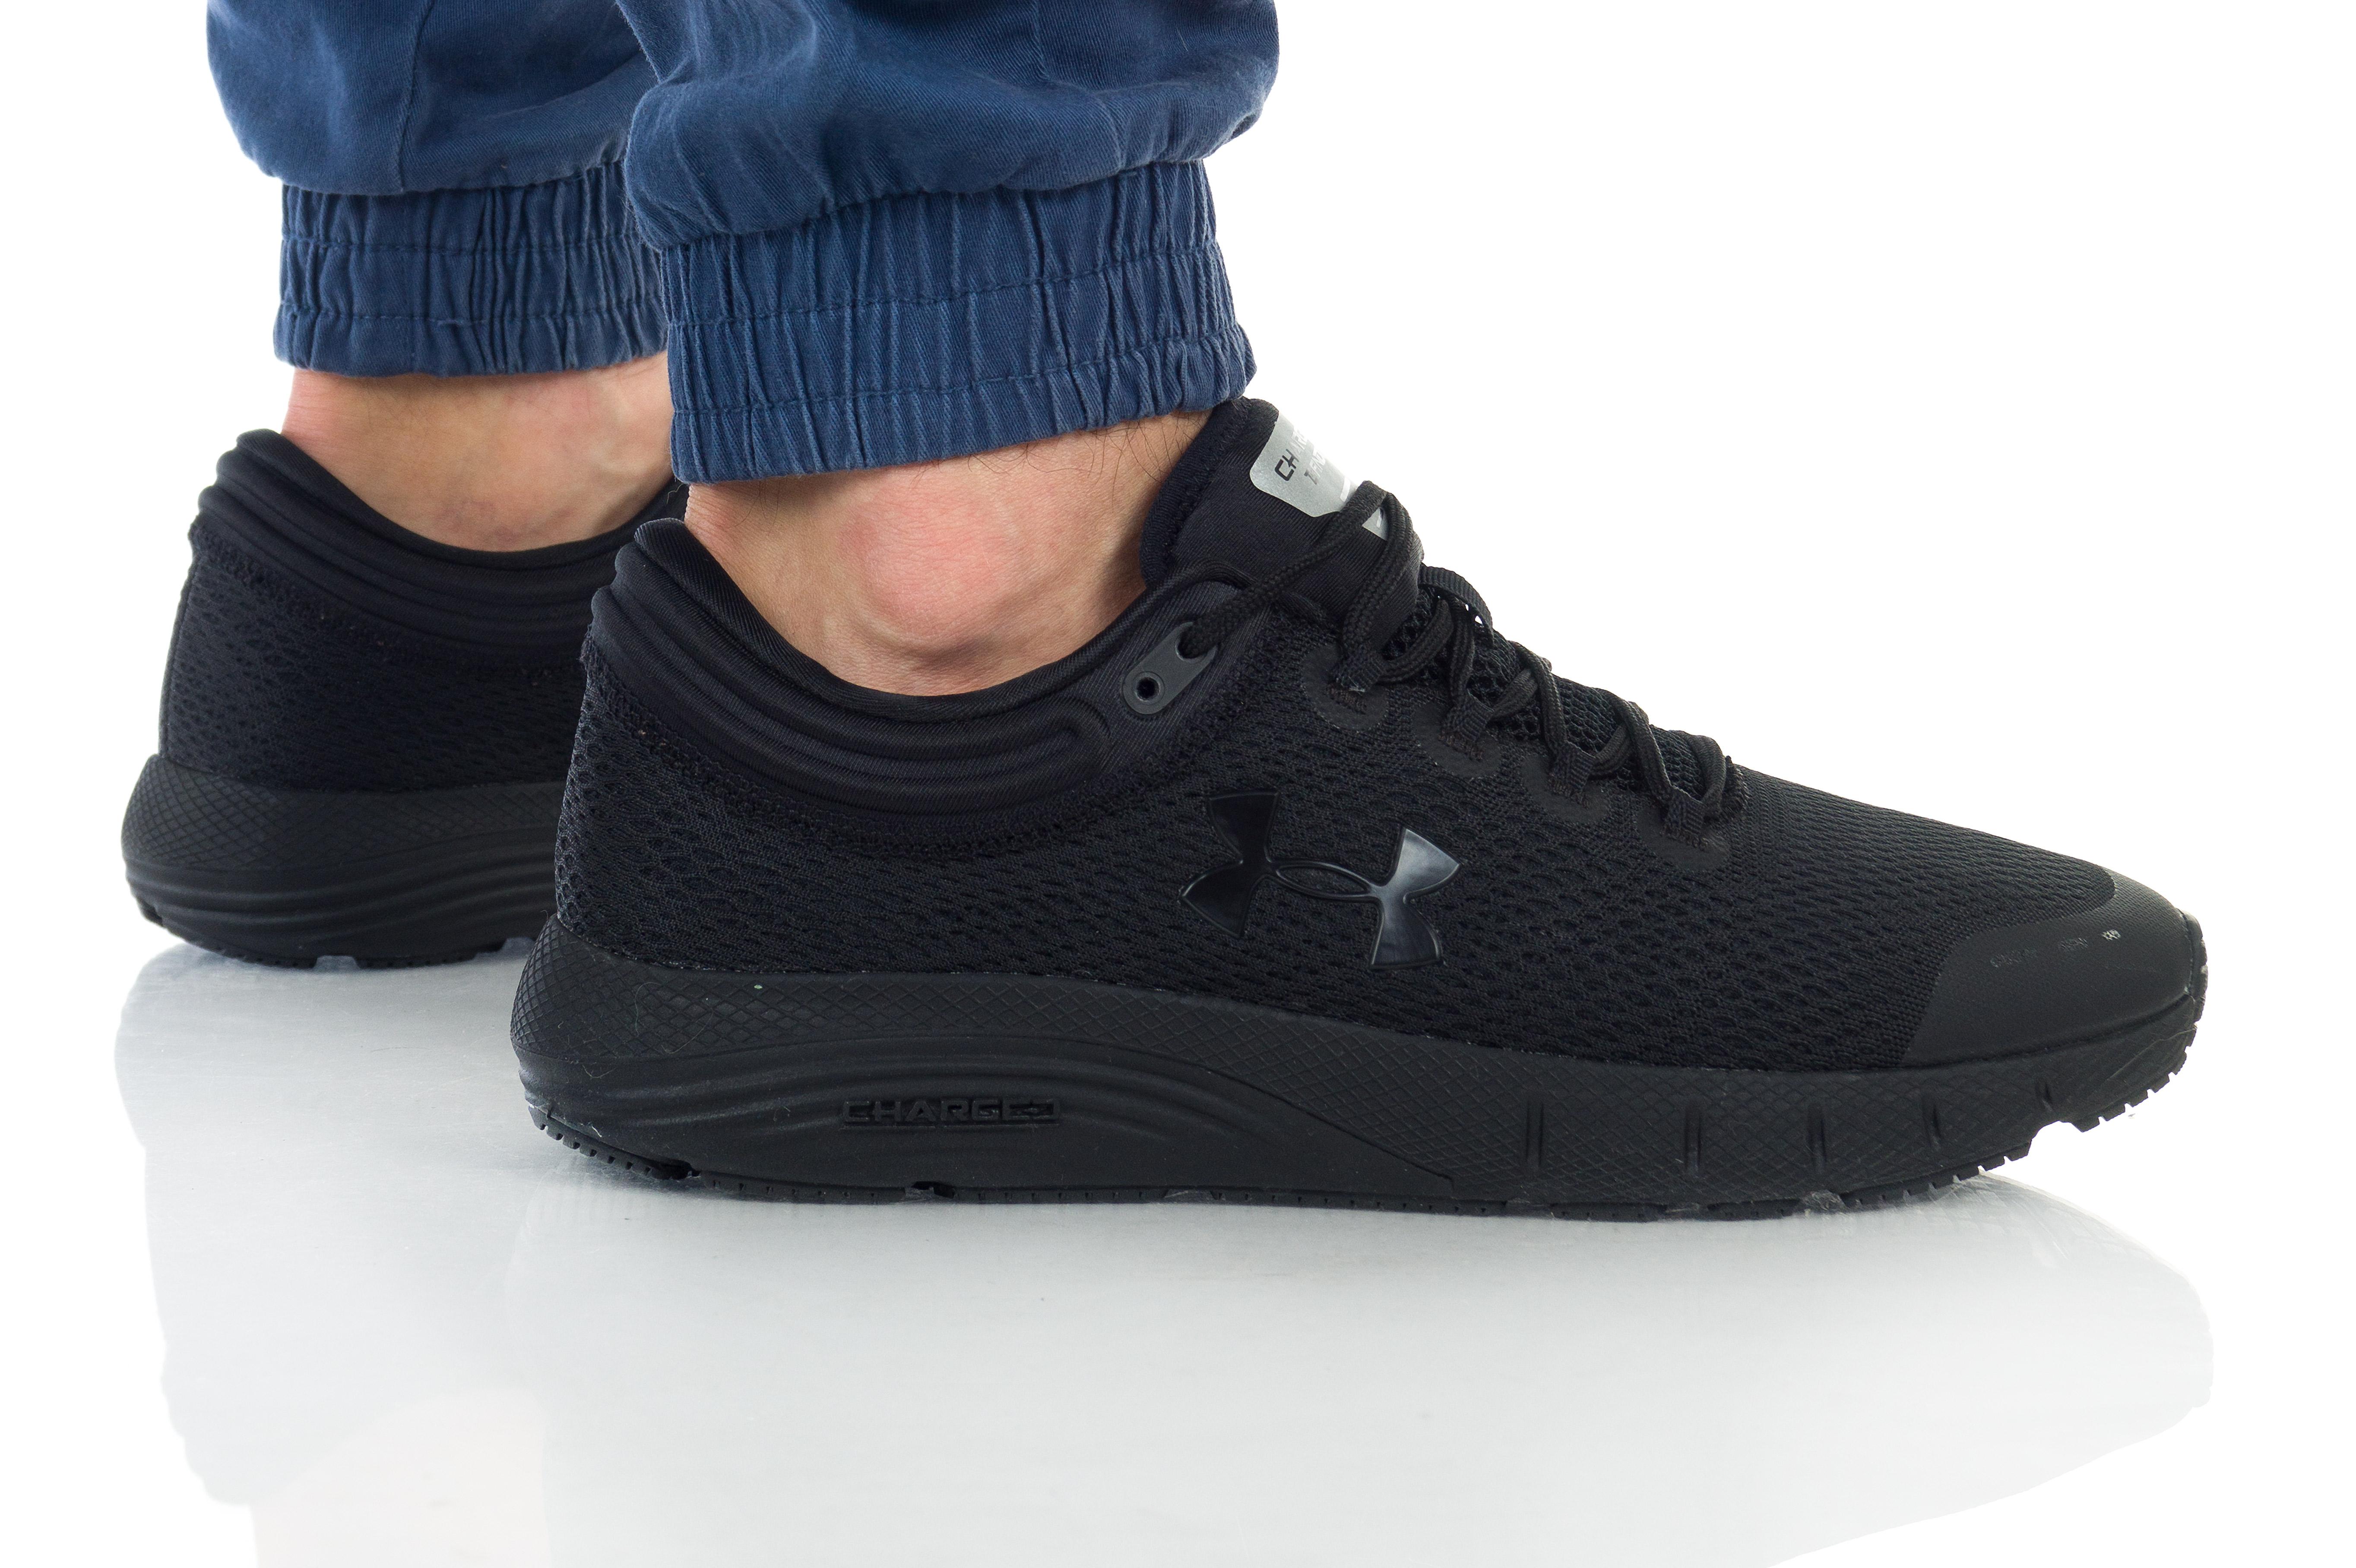 נעליים אנדר ארמור לגברים Under Armour Charged Bandit 5 - שחור